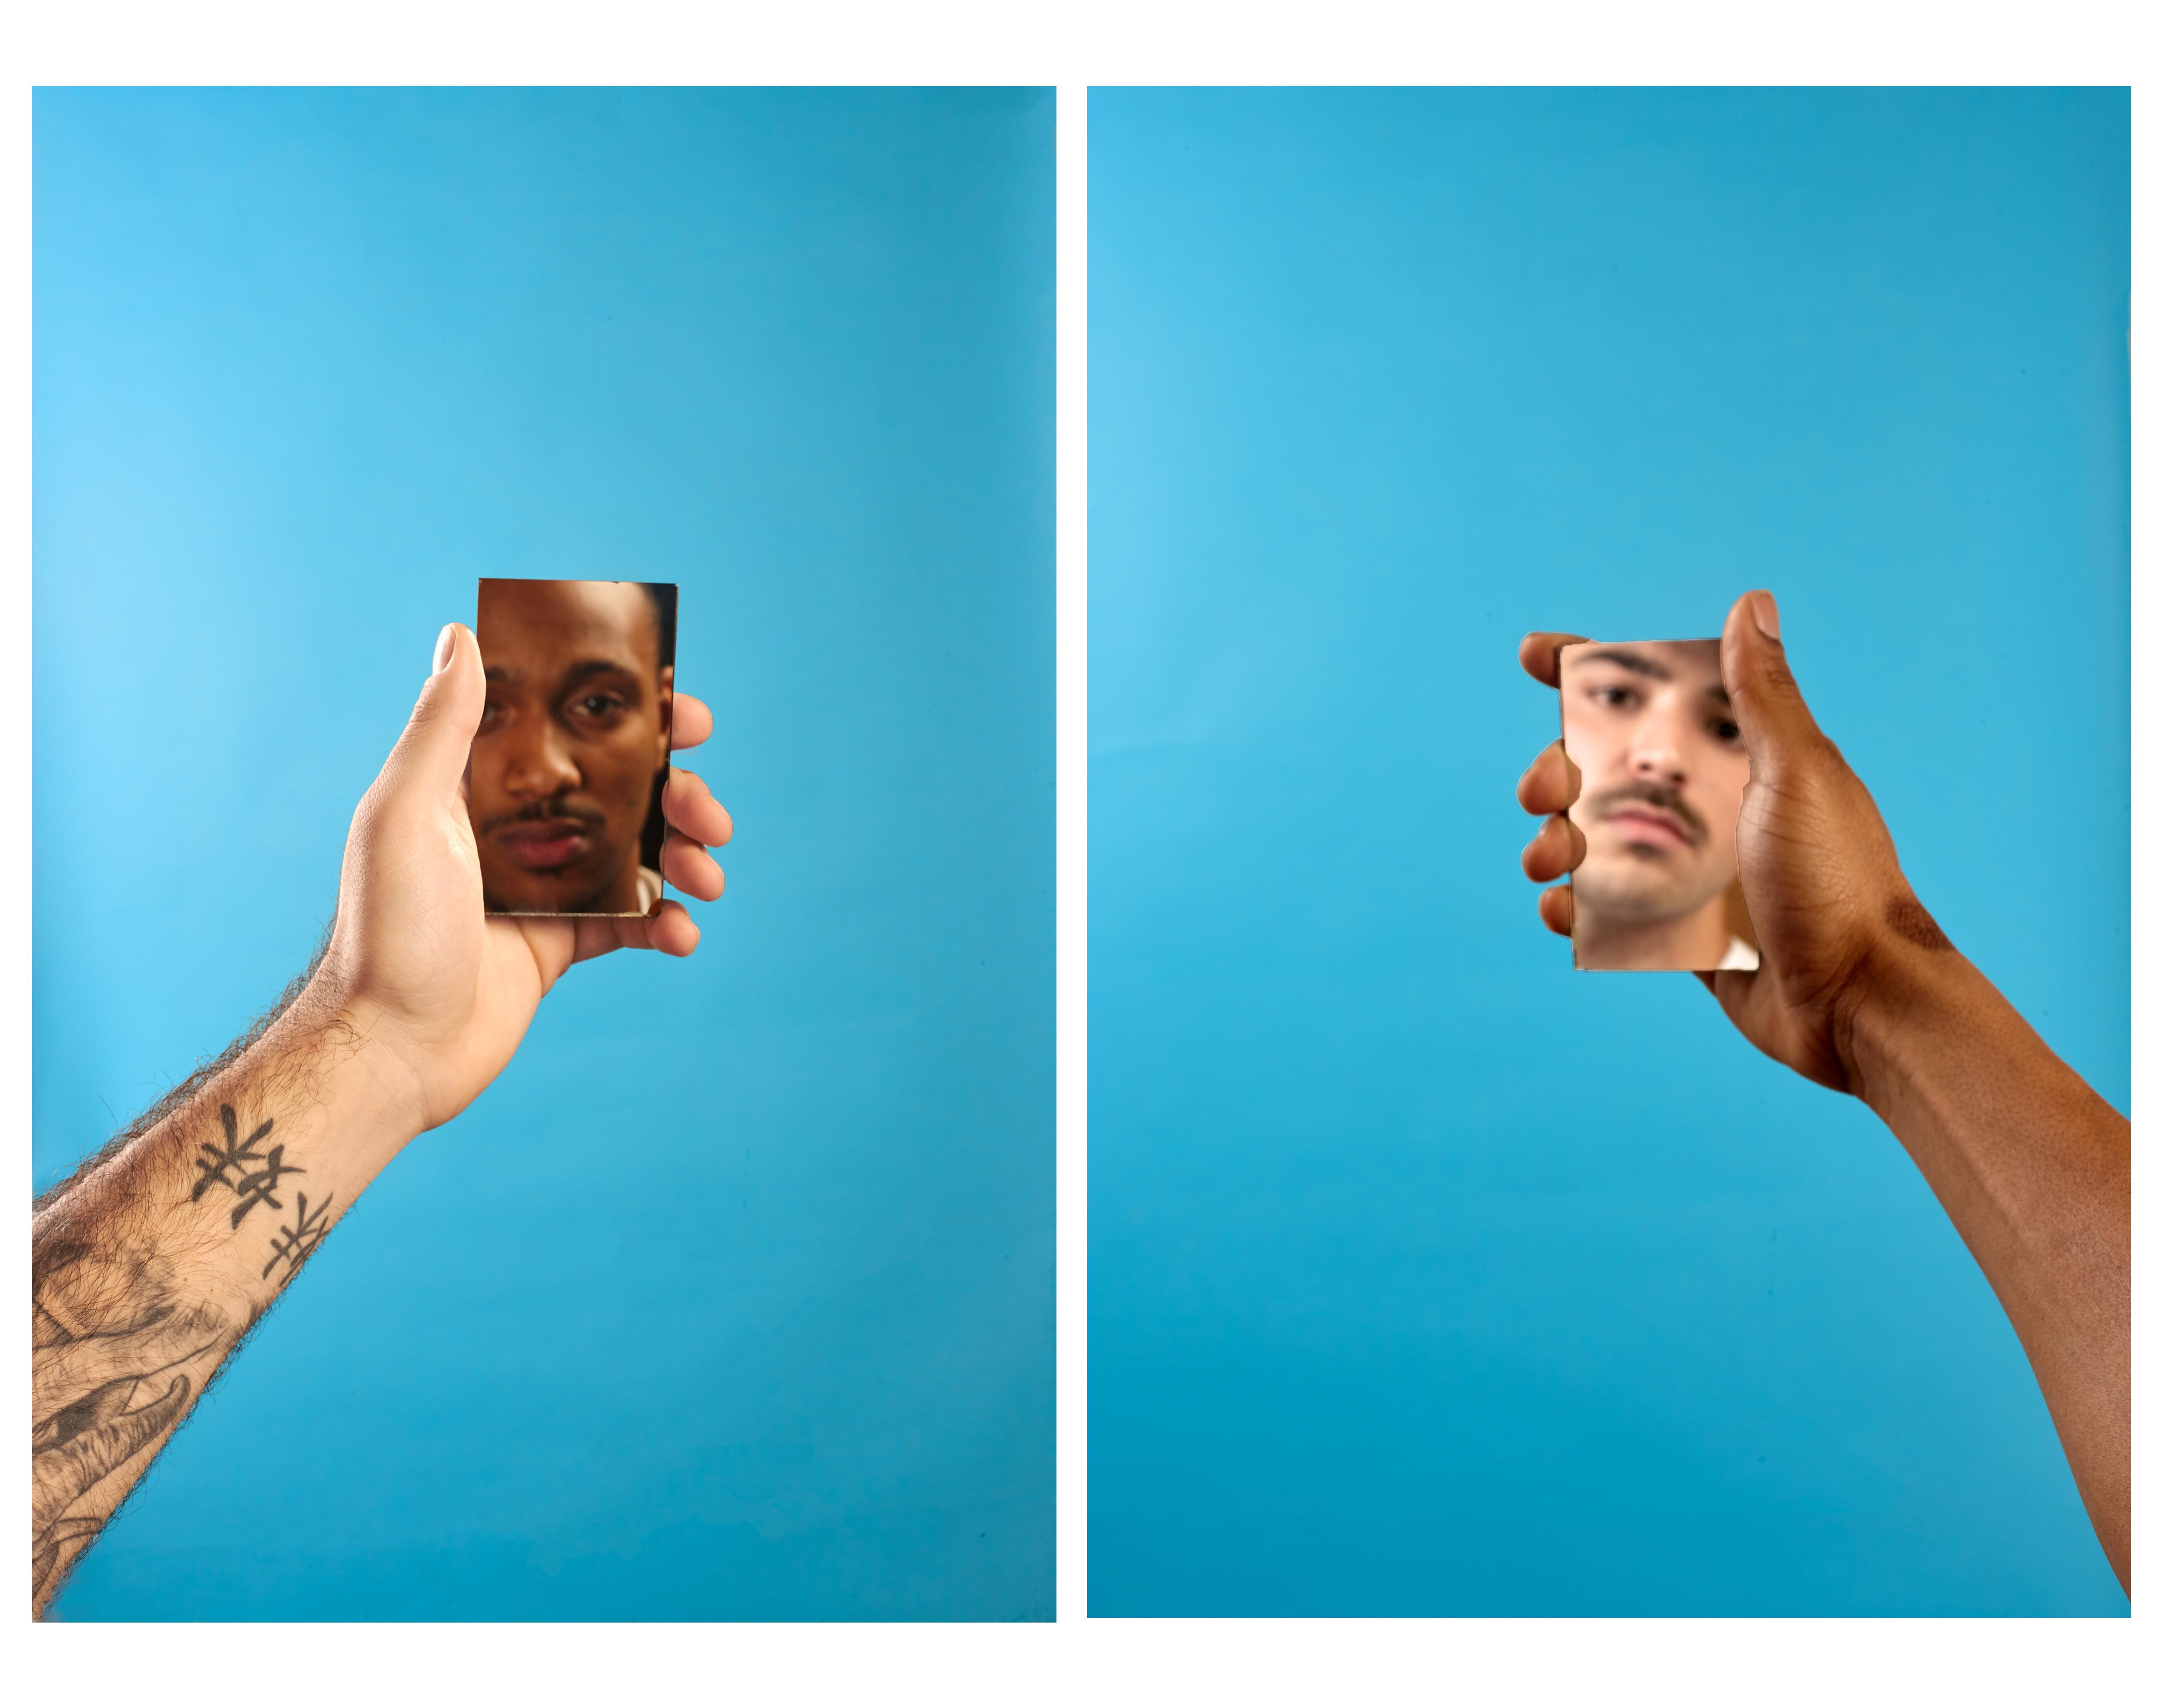 Kahdeem_prosper_jefferson_man in the mirror